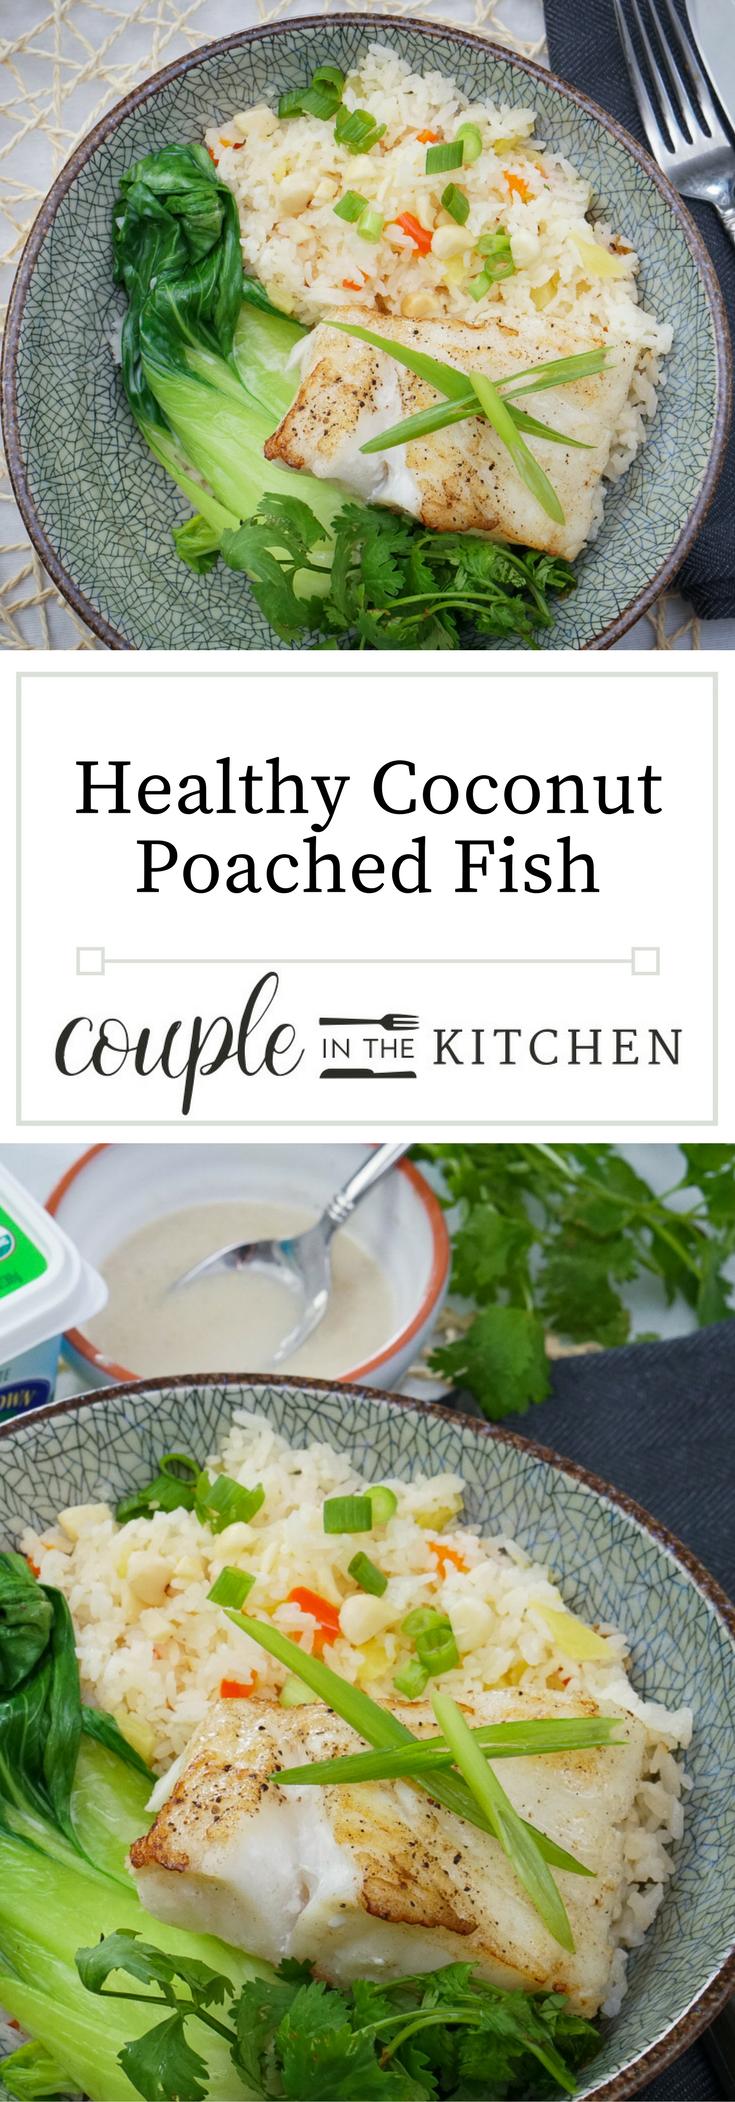 Healthy Coconut Poached Fish | coupleinthekitchen.com